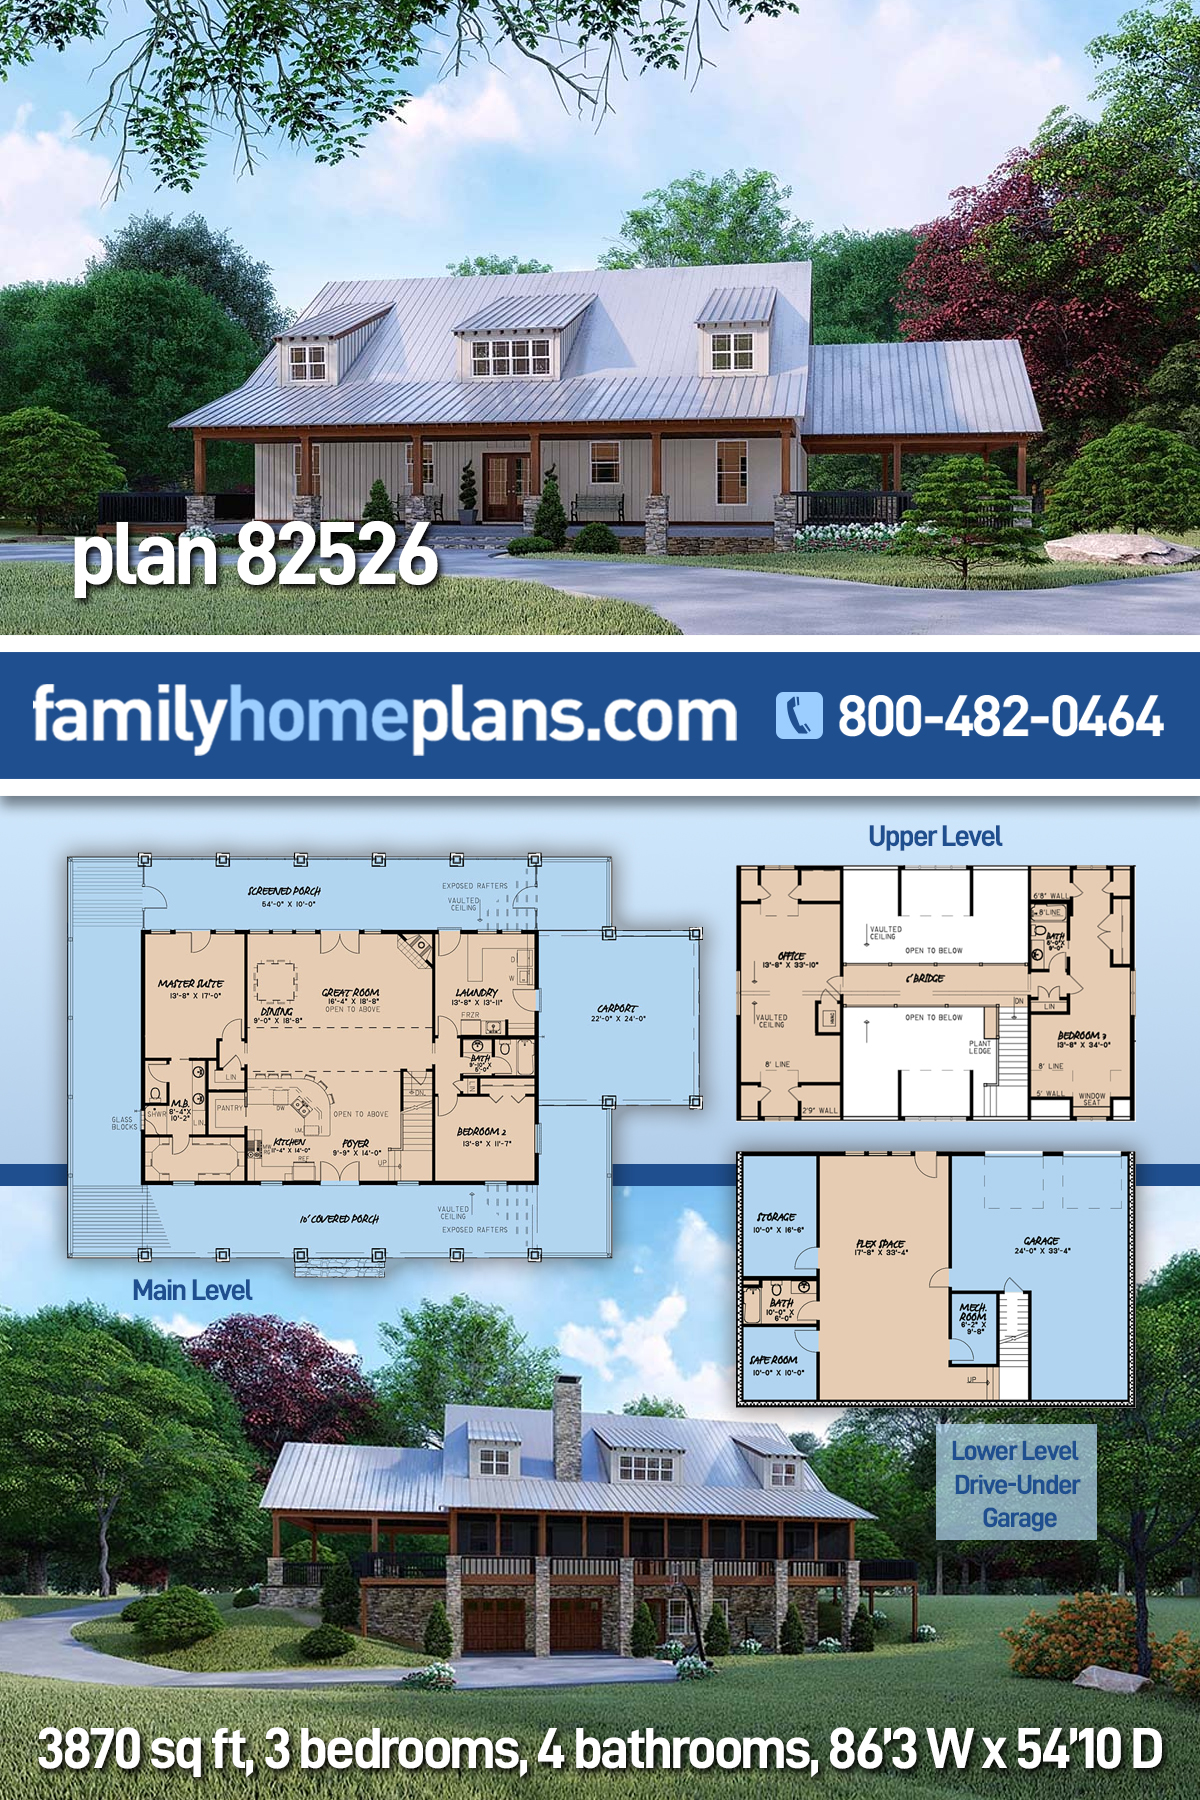 Farmhouse House Plan 82526 with 3 Beds, 4 Baths, 2 Car Garage